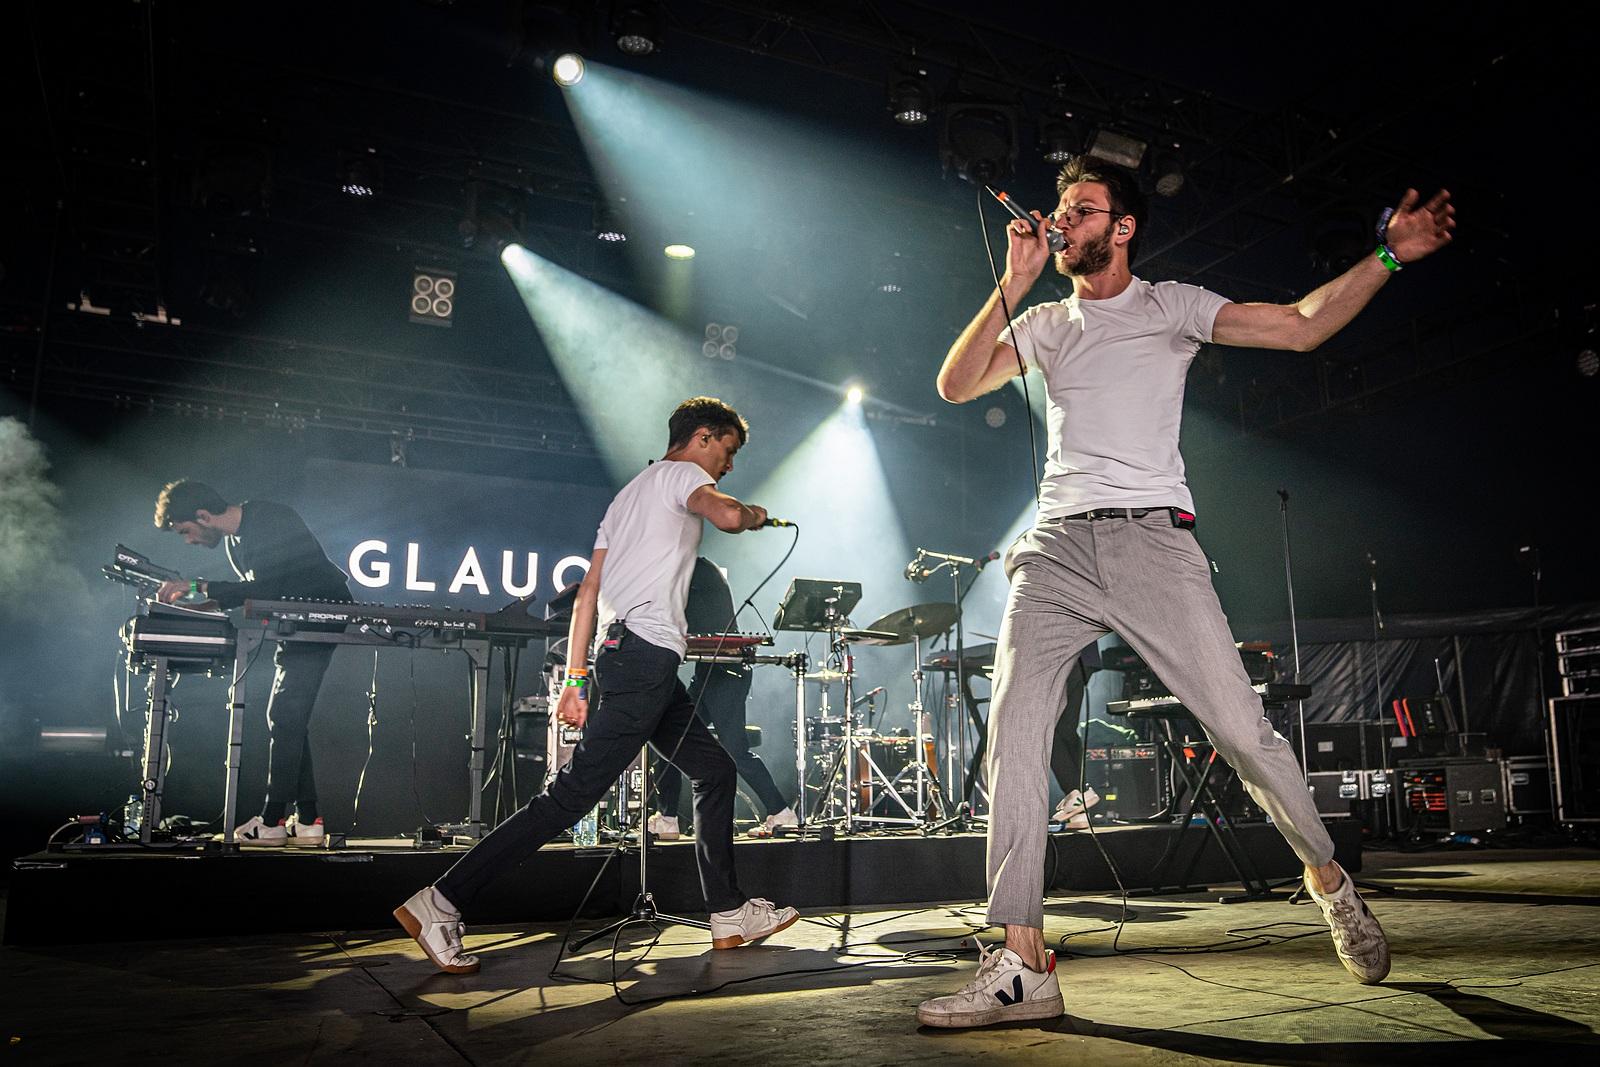 Glaque 3